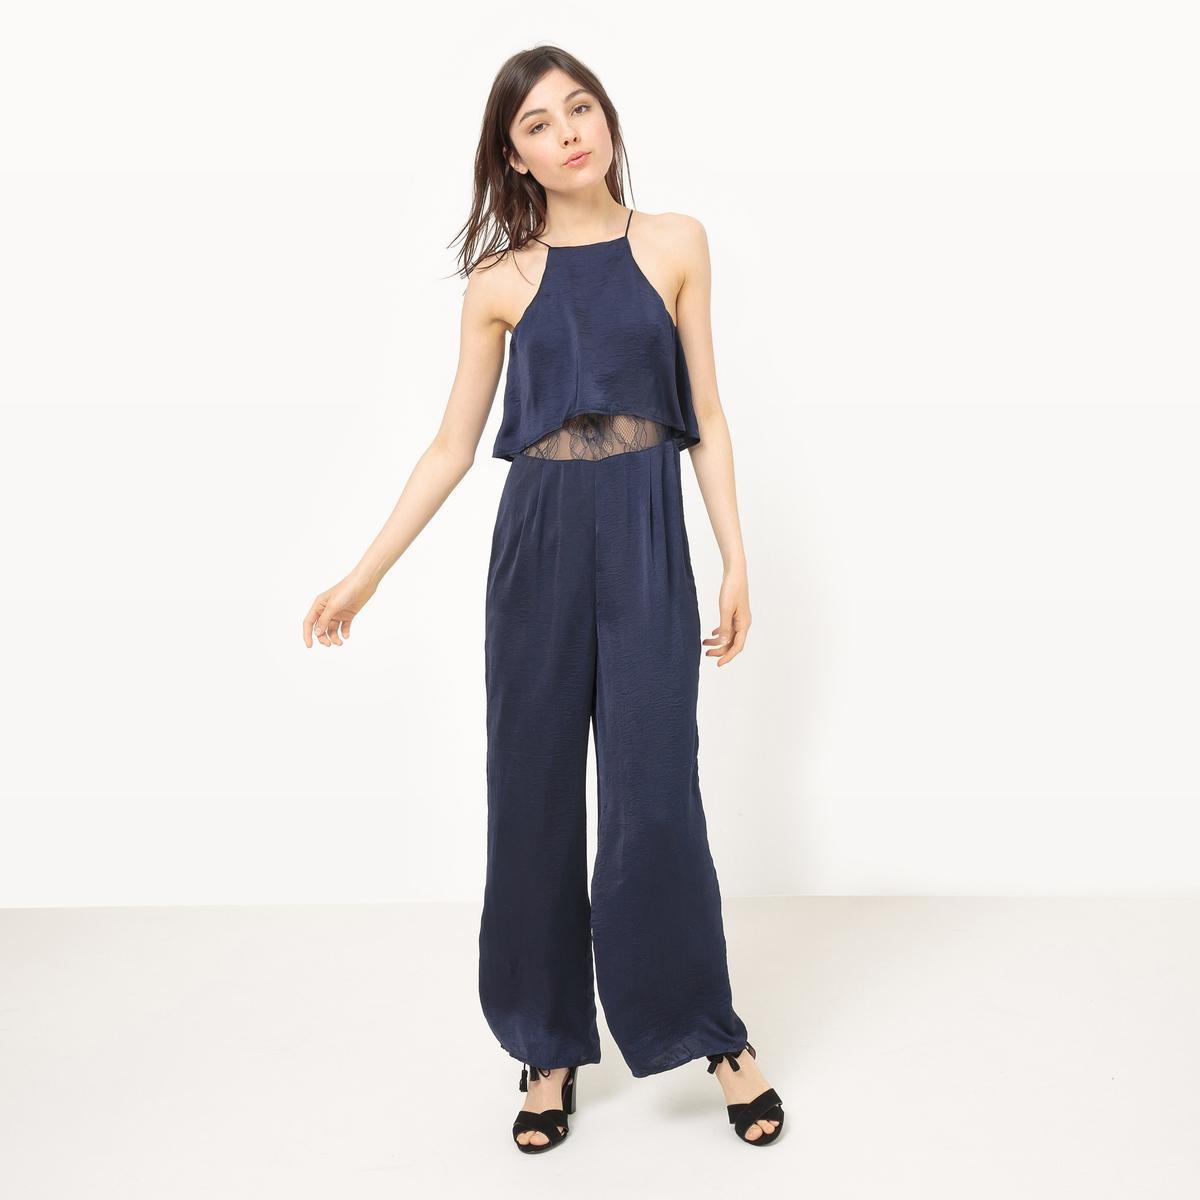 Комбинезон с широкими брюками, кружевной верх